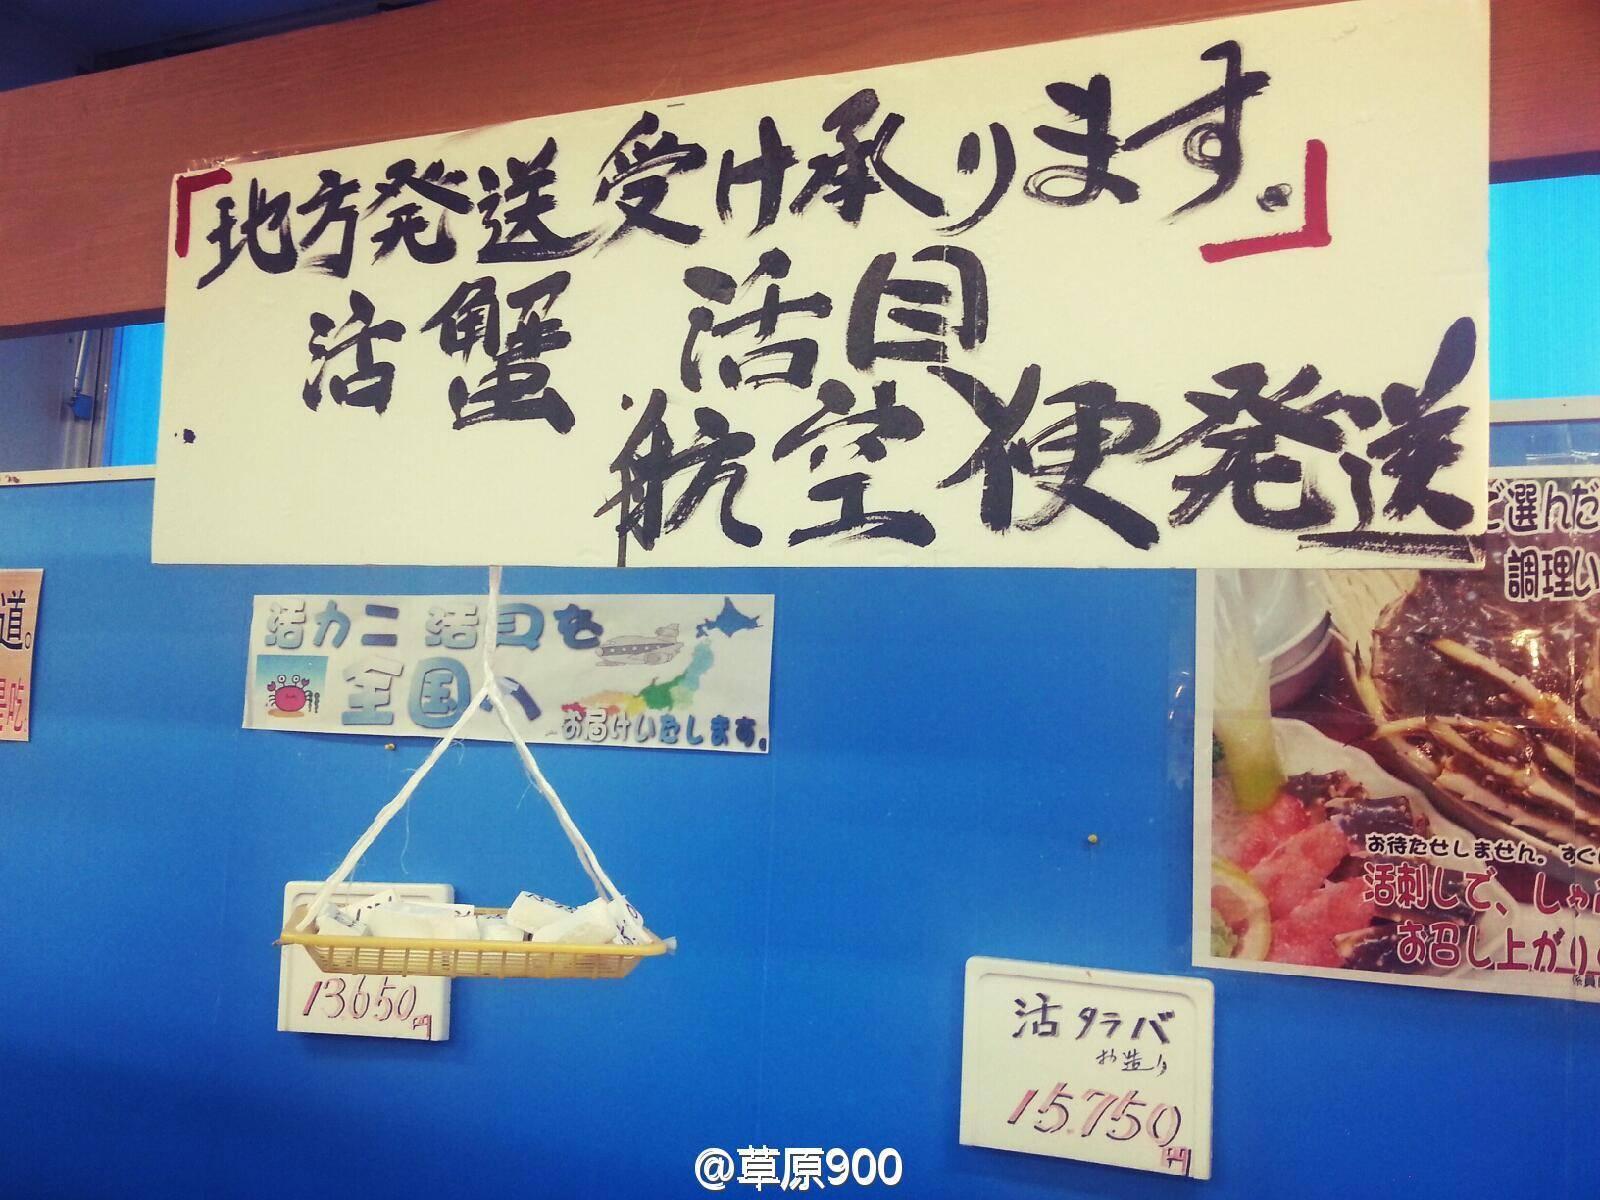 品尝无污染海鲜的去北海道,千万别去福岛